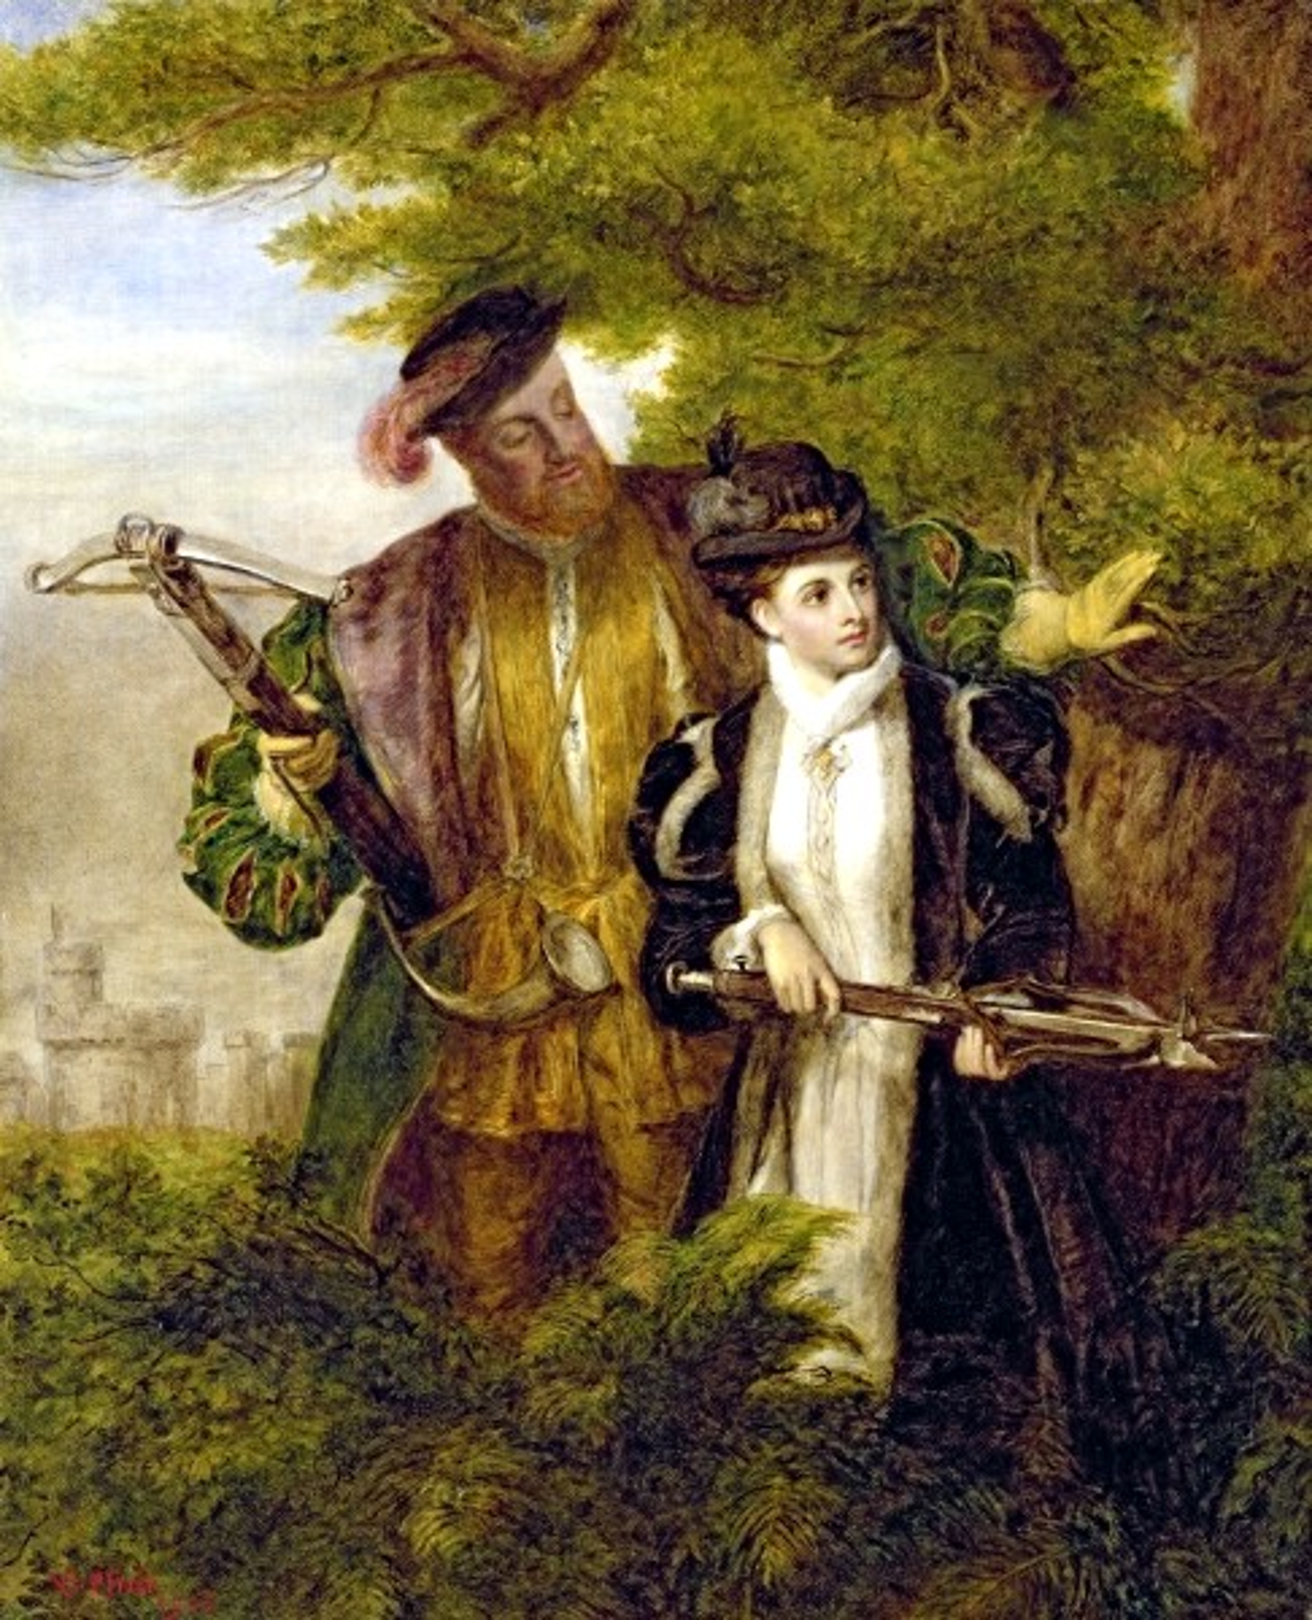 King_Henry_and_Anne_Boleyn_Deer_shooting